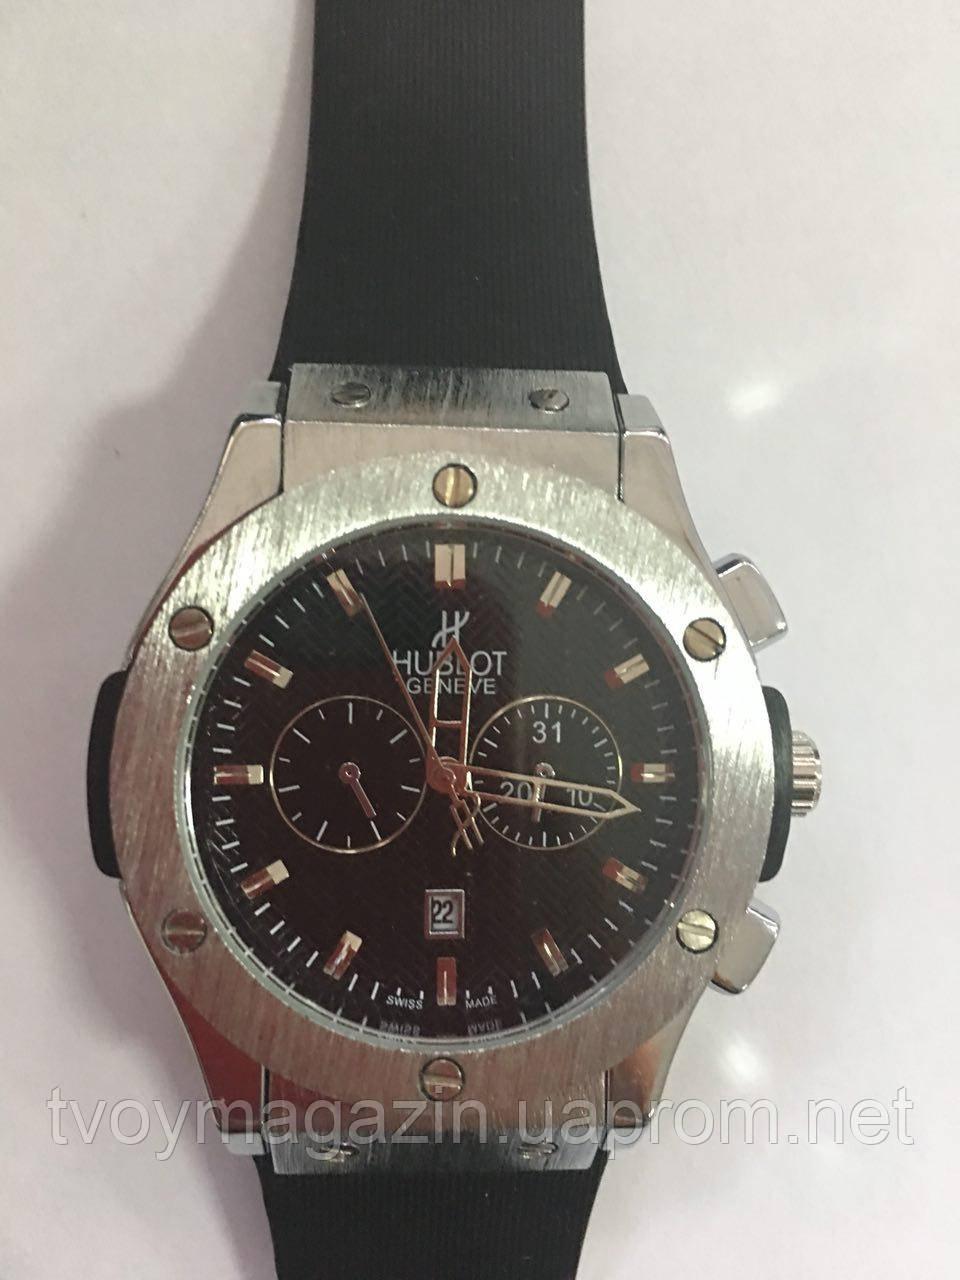 Наручные Часы HUBLOT Geneve Наручний годинник